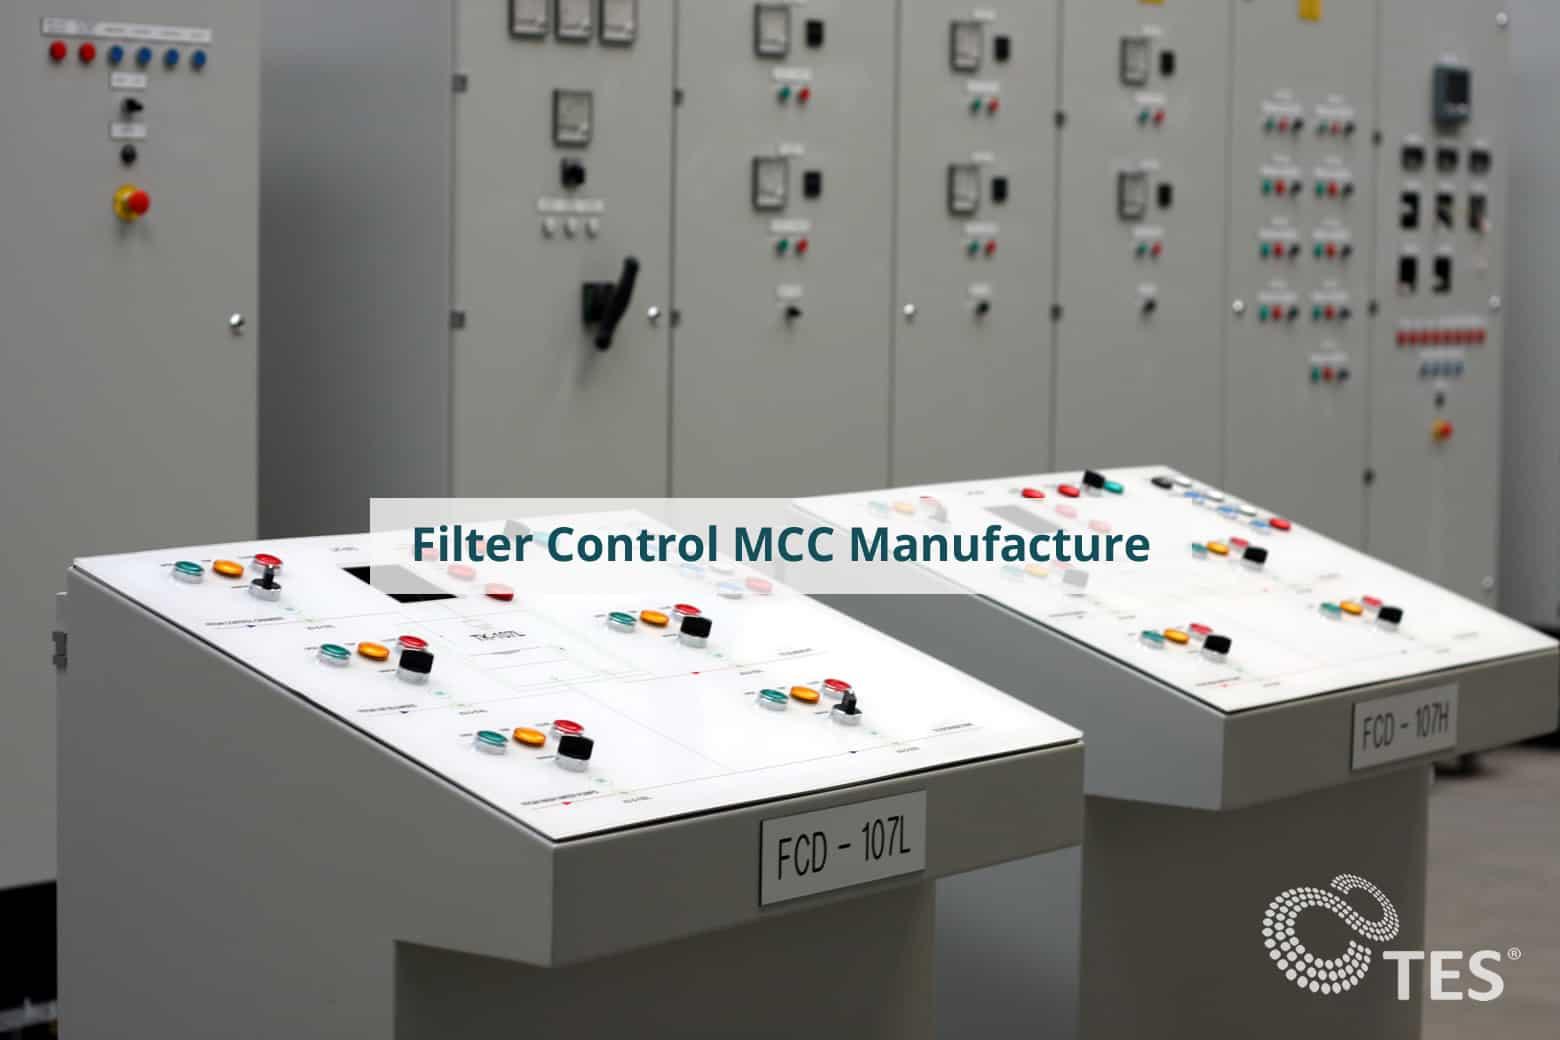 Filter Control MCC Manufacture